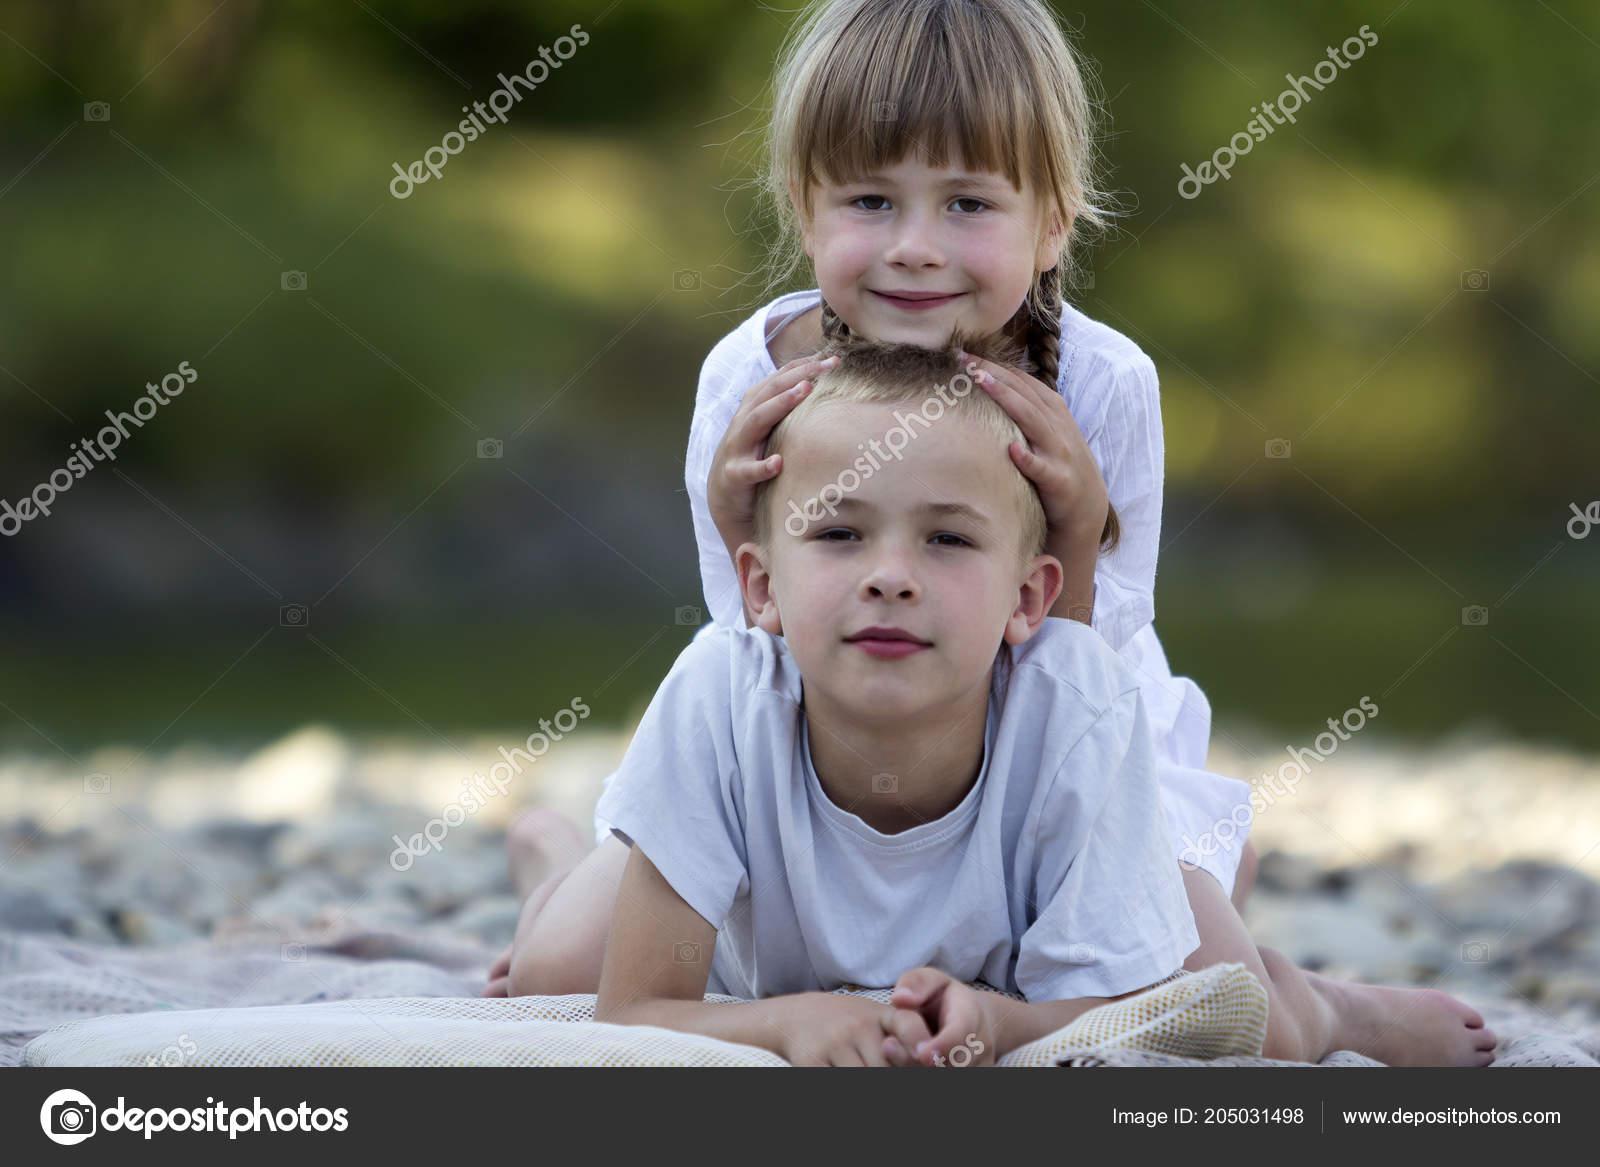 6949eb9361f Δύο Νέοι Ευτυχισμένη Χαριτωμένο Ξανθό Χαμογελαστά Παιδιά Αγόρι Και ...